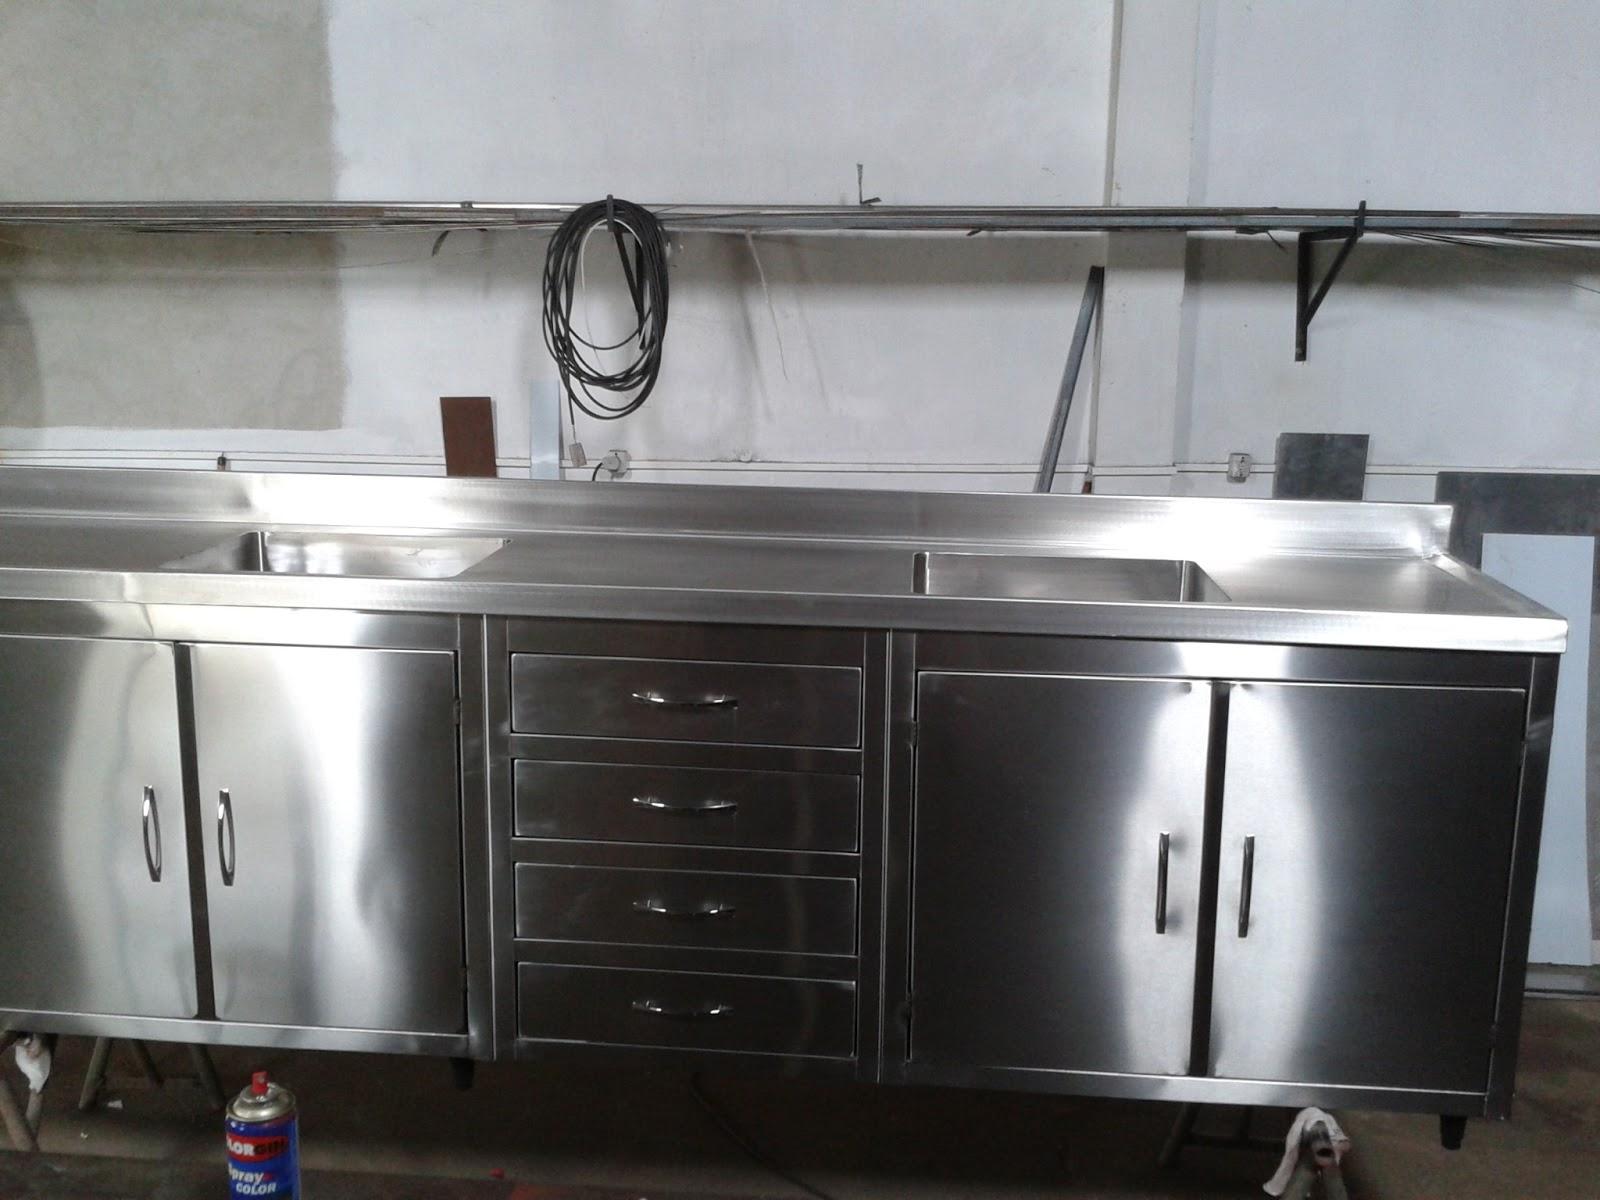 Ideal Cozinhas Industriais: Janeiro 2013 #5A4B47 1600 1200